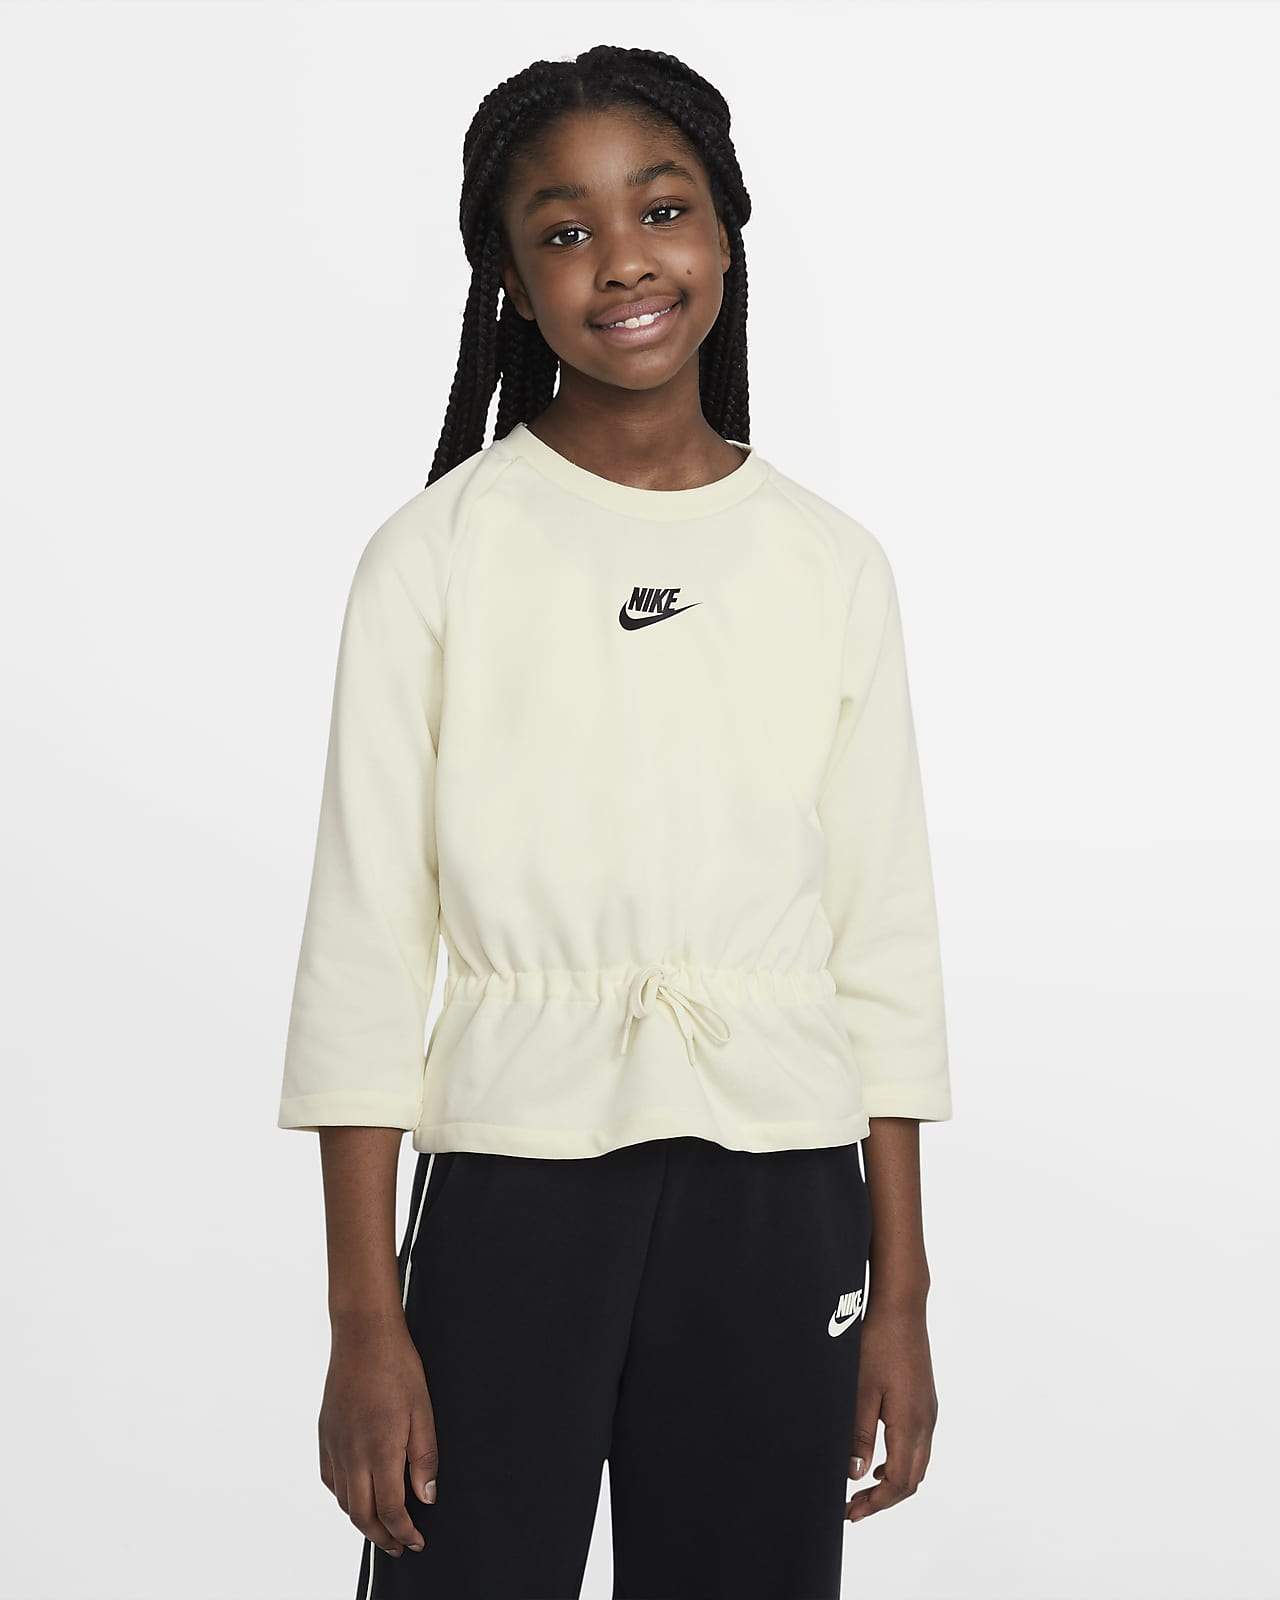 Nike Sportswear Older Kids' (Girls') 3/4-Sleeve Top